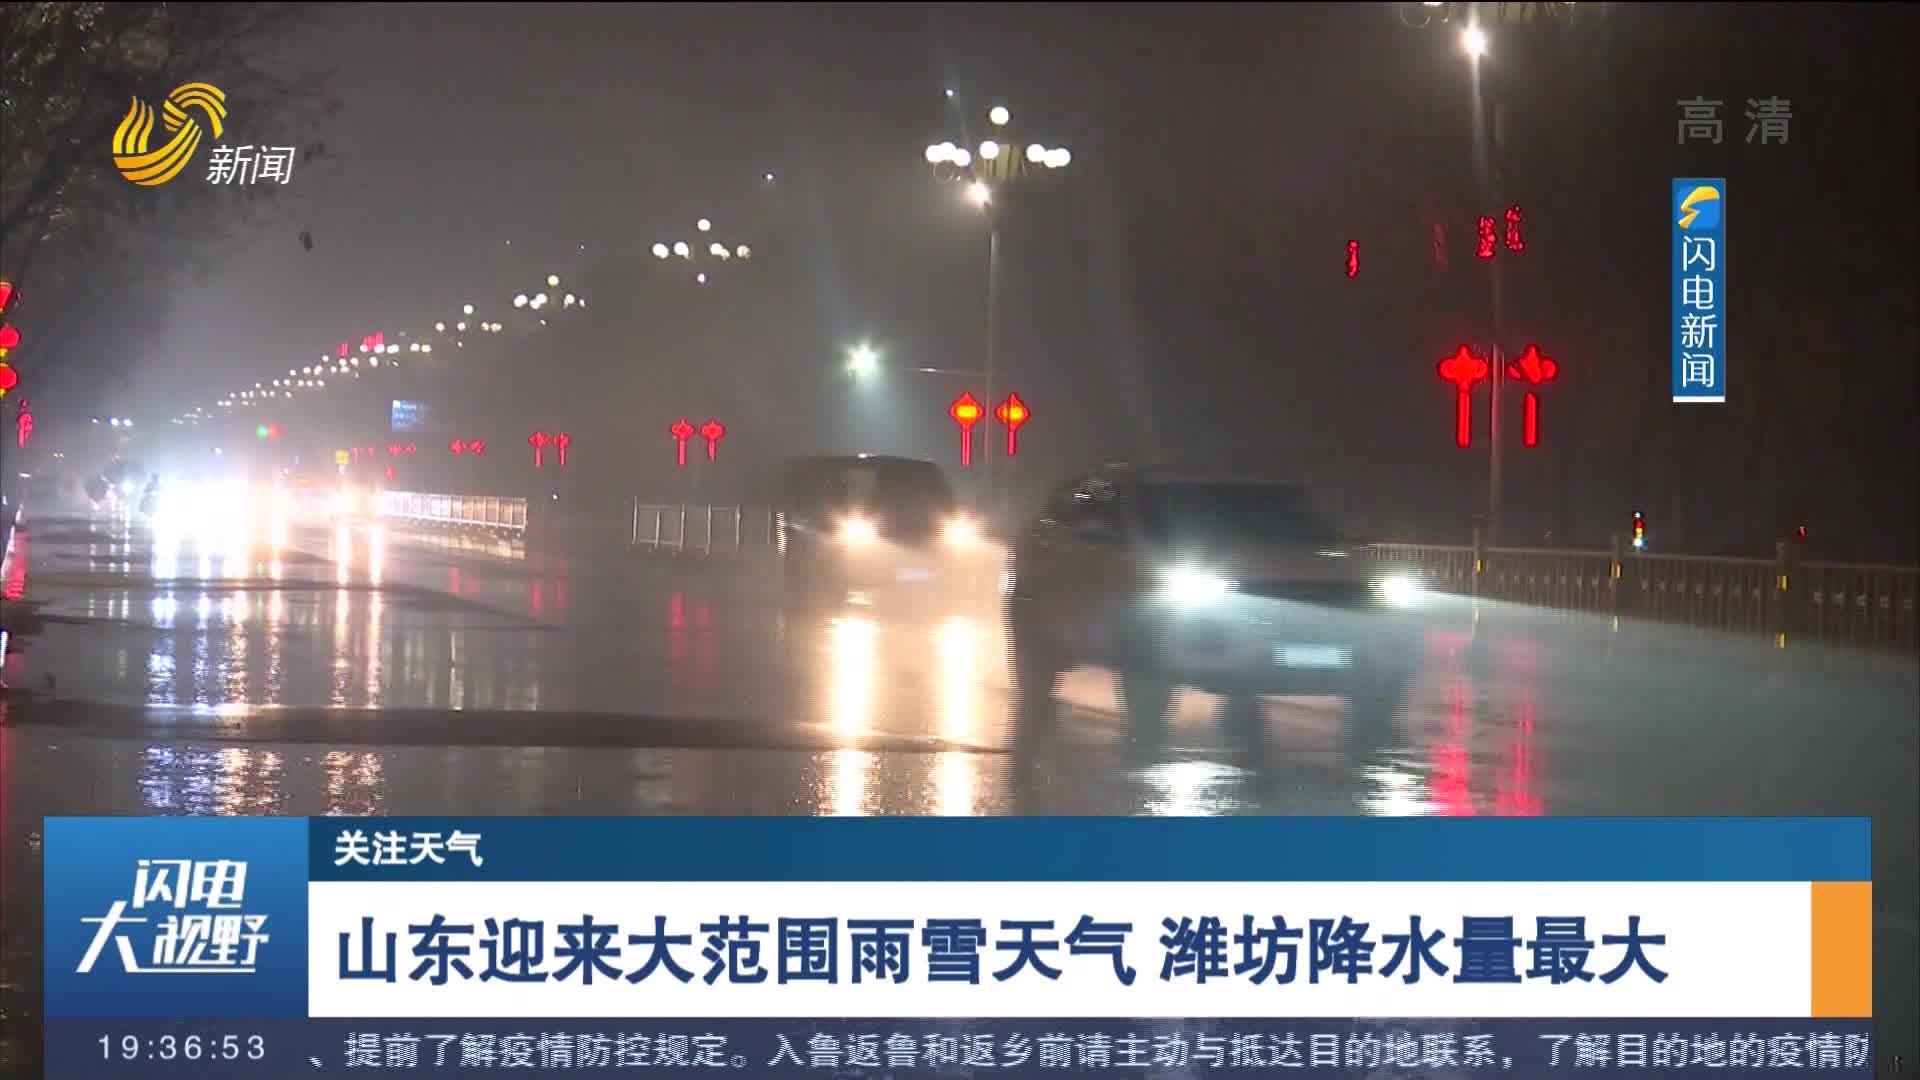 【关注天气】山东迎来大范围雨雪天气 潍坊降水量最大